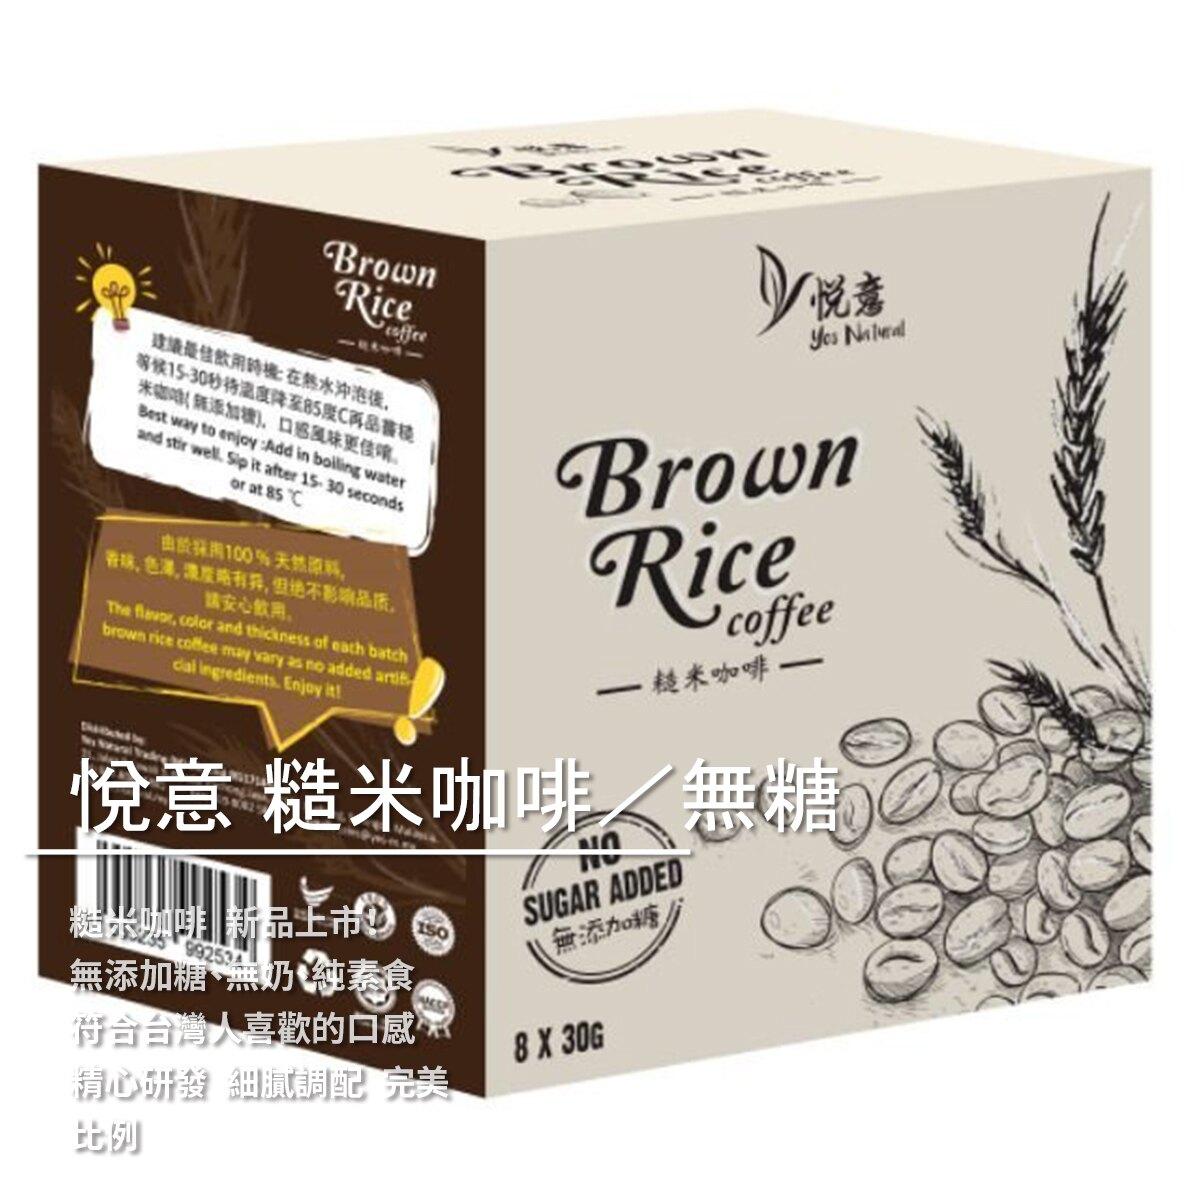 【旭讚素料專賣店】悅意 糙米咖啡/無糖